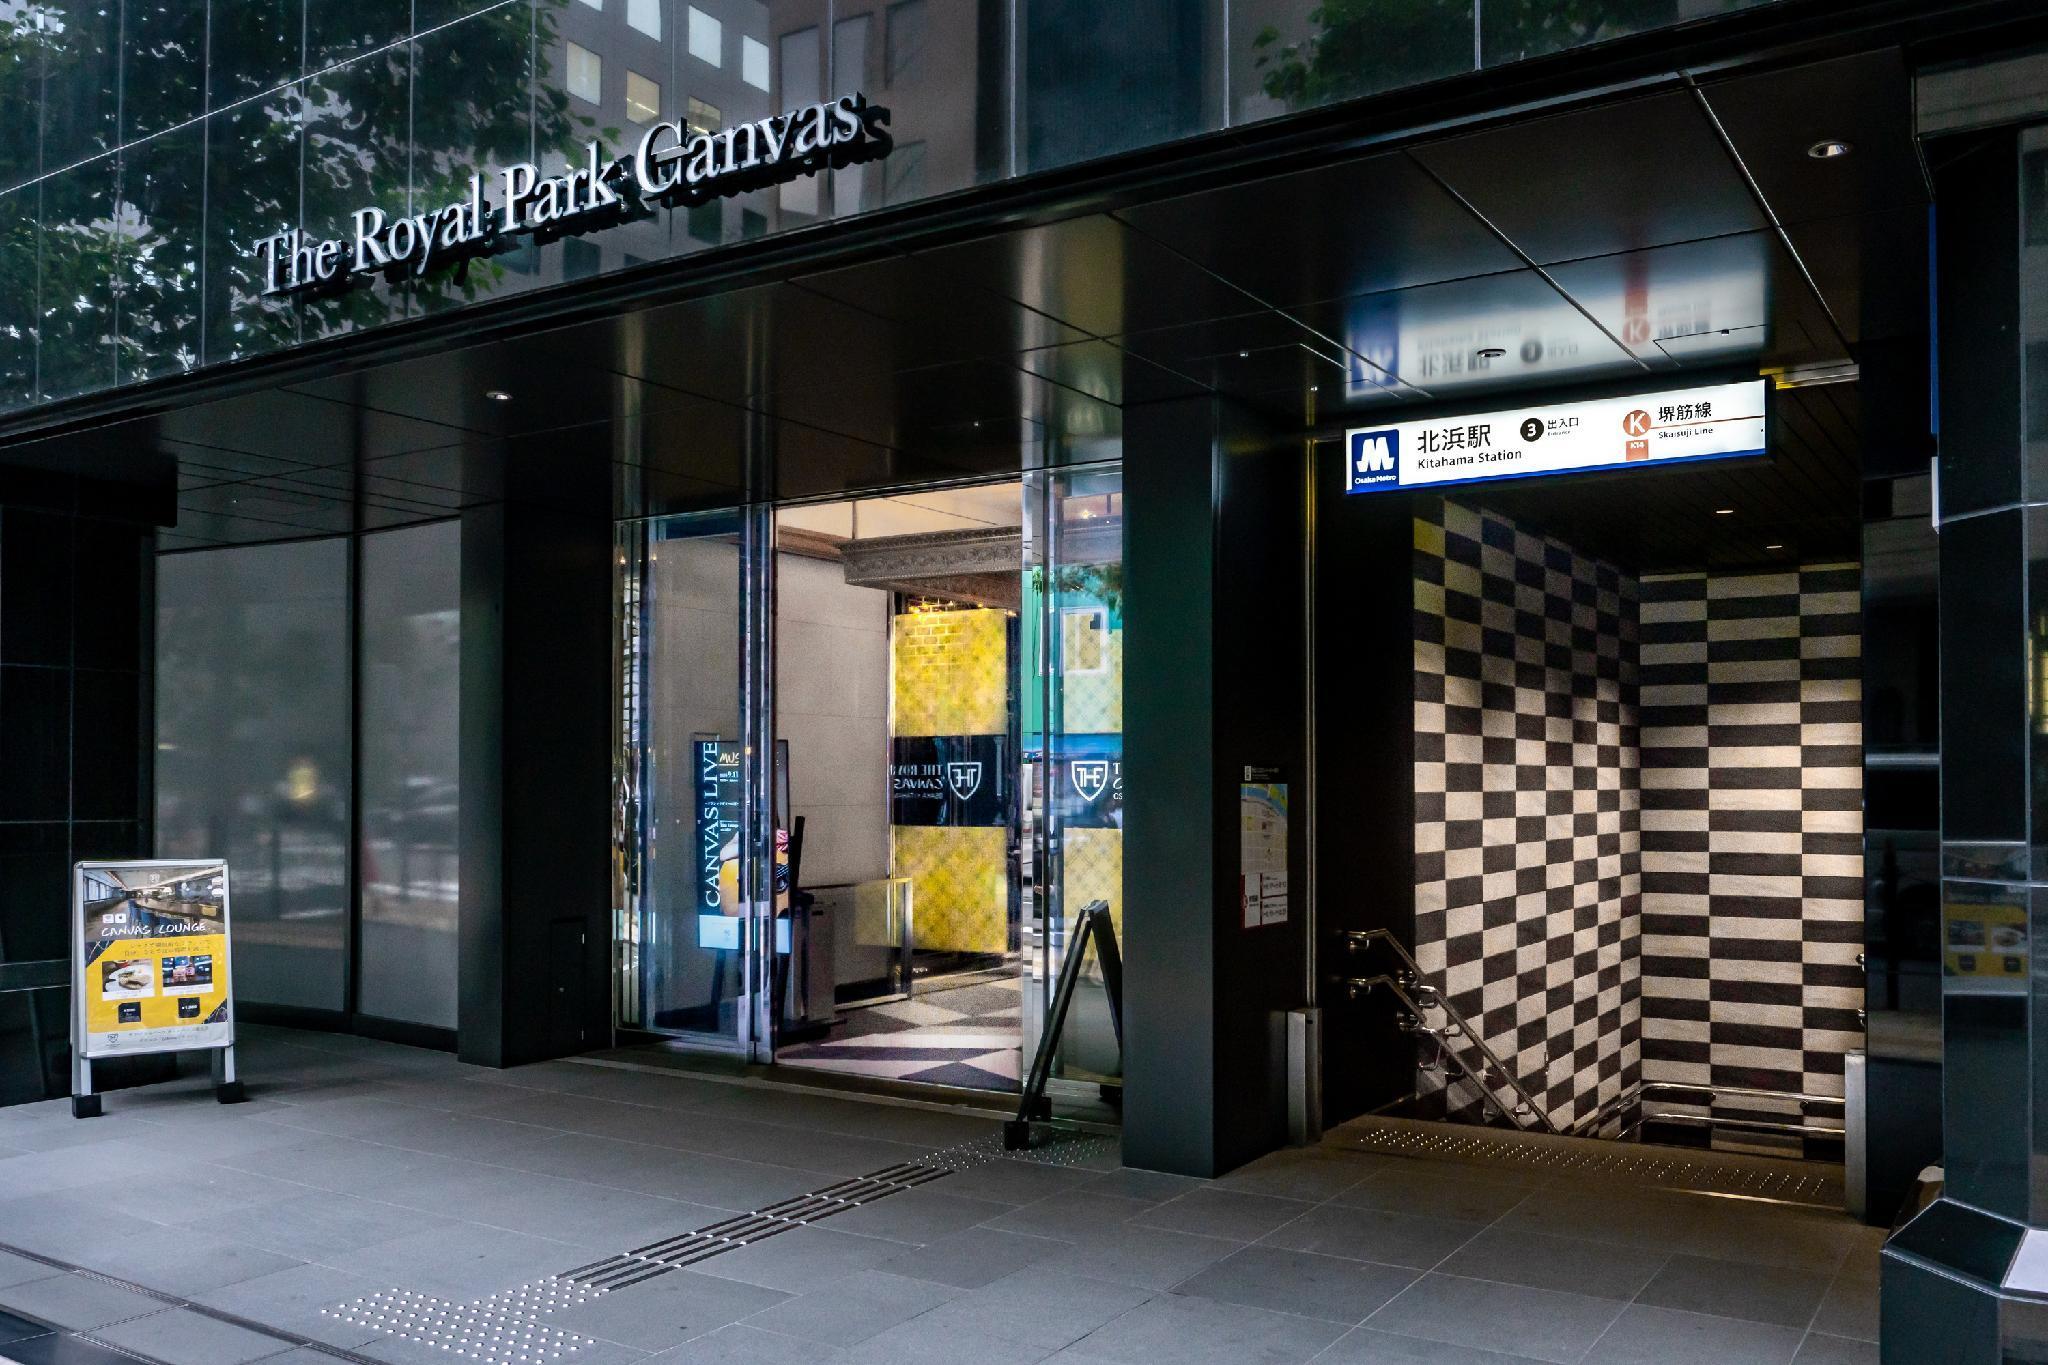 The Royal Park Canvas Osaka Kitahama